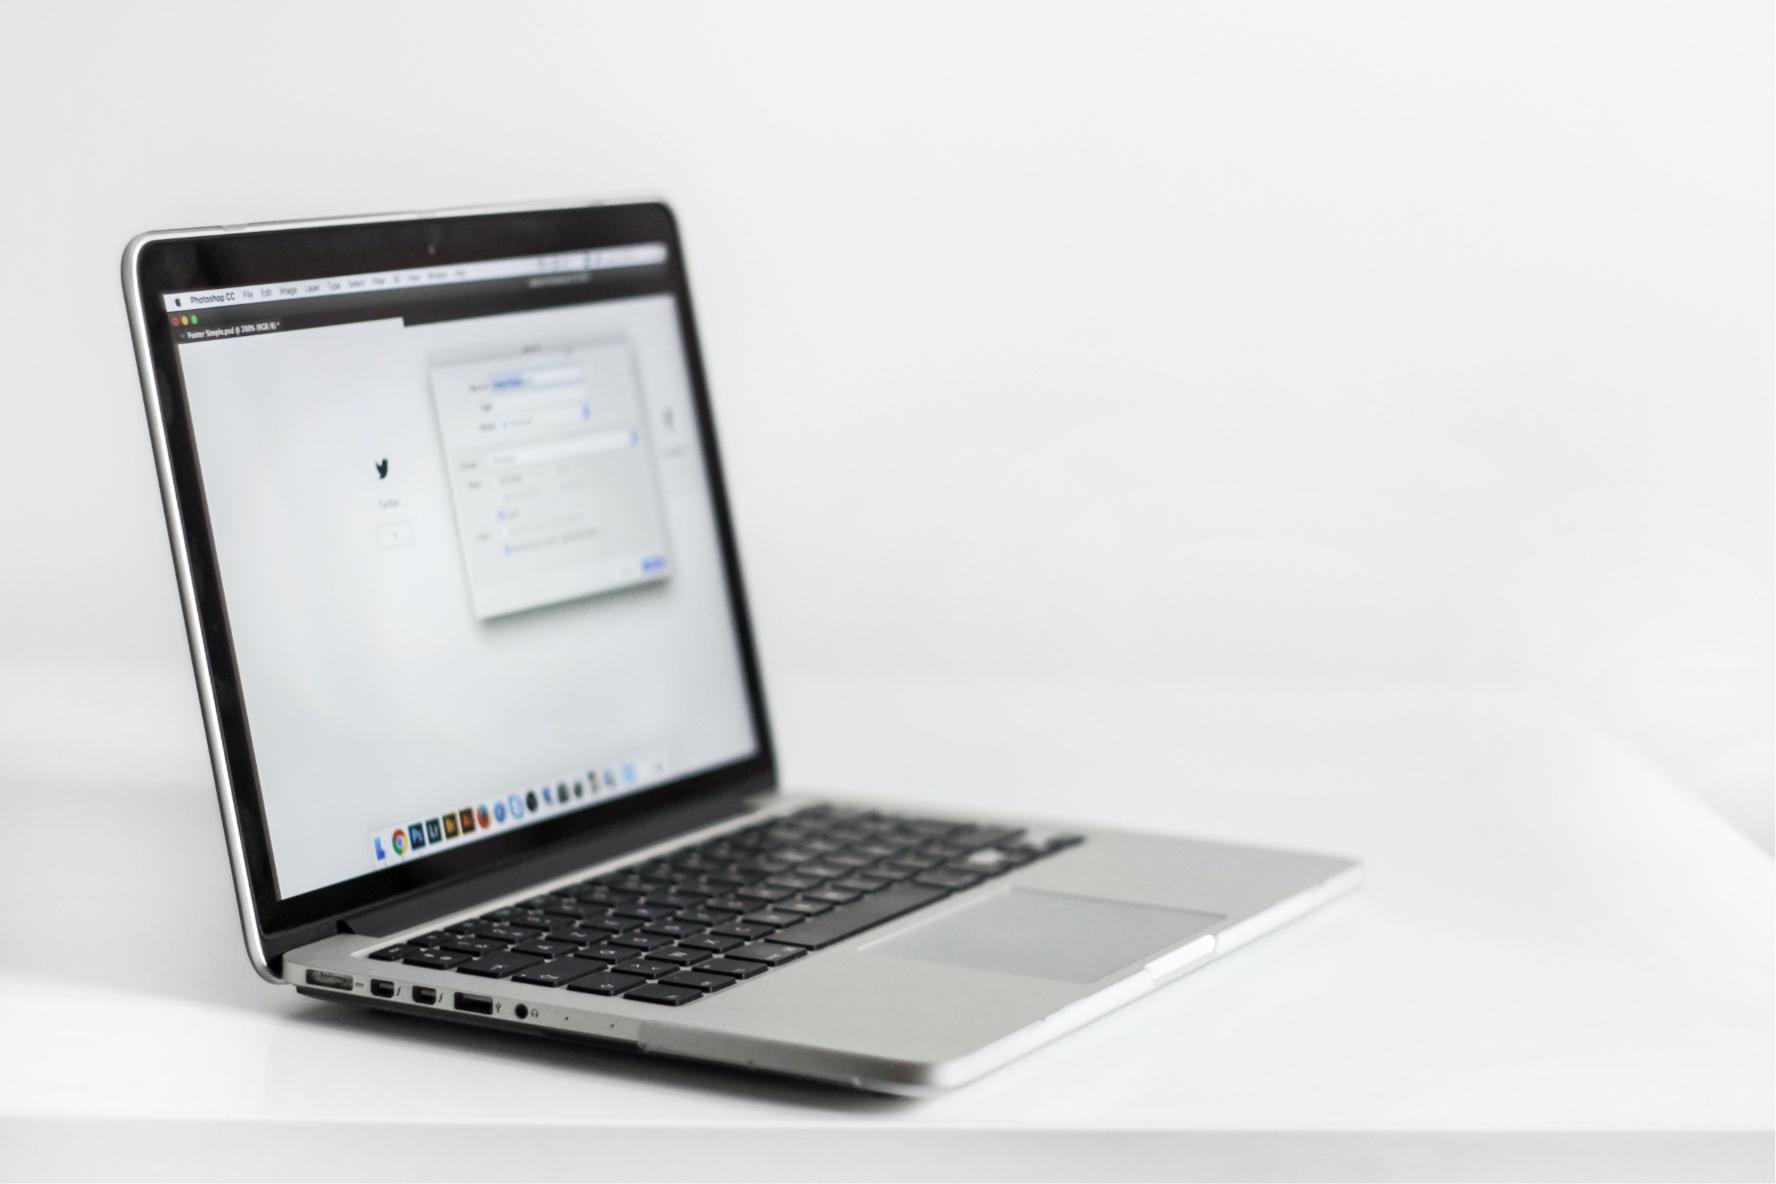 blog-online-garagebedrijf.jpg